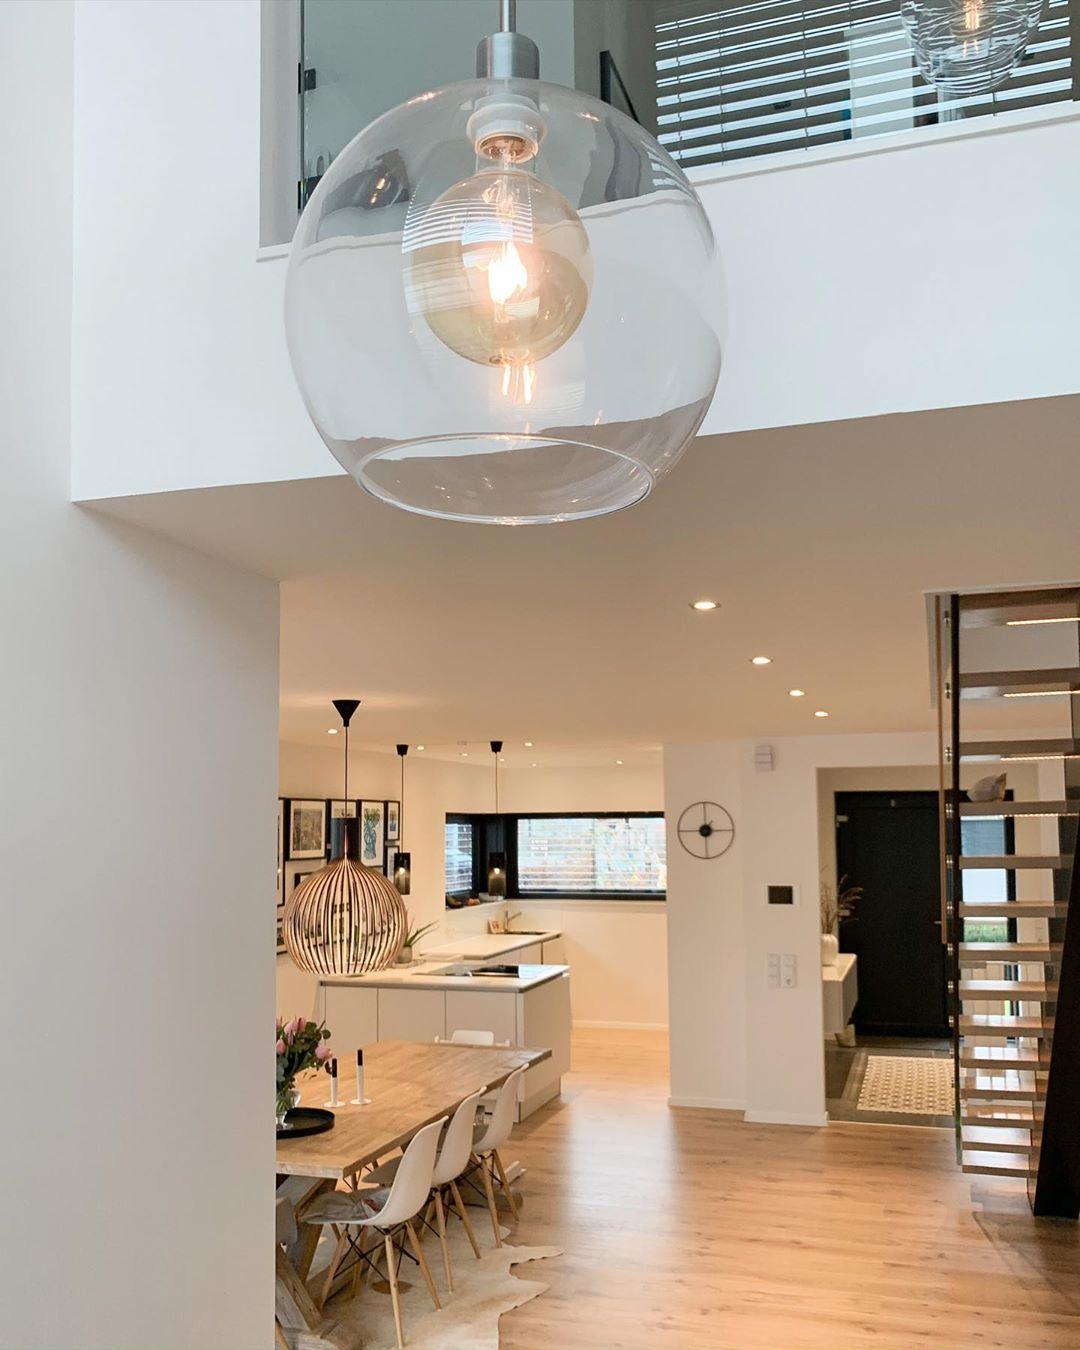 Interior Living Lifestyle On Instagram Oben Und Unten Mitten In Der Galerie Die Galeriebeleuchtung War Dabei Eigentlich In 2020 Beleuchtung Lampe Flur Instagram